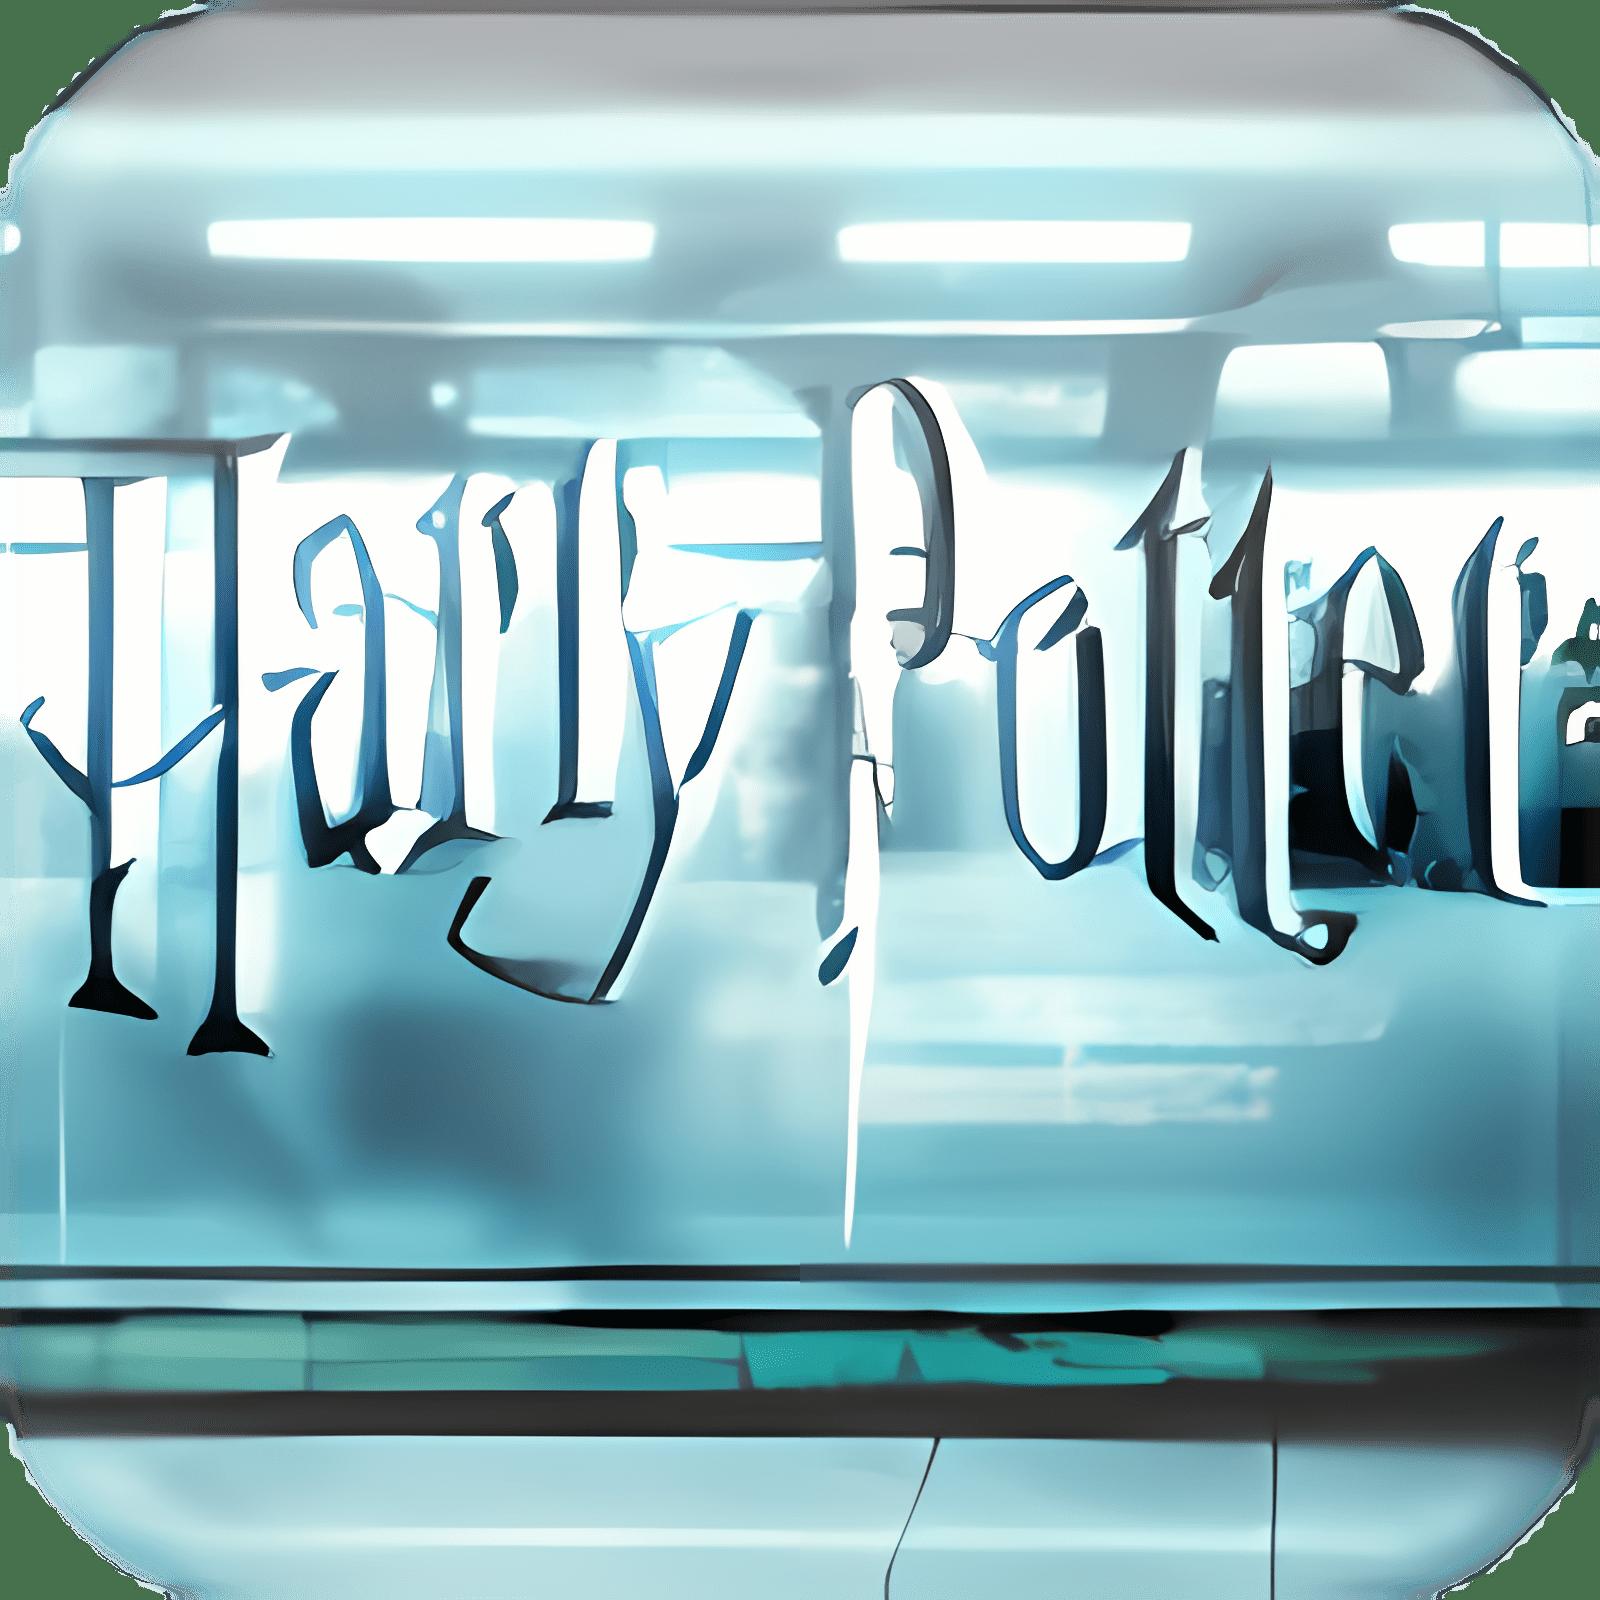 Harry Potter e il Principe Mezzosangue Screensaver